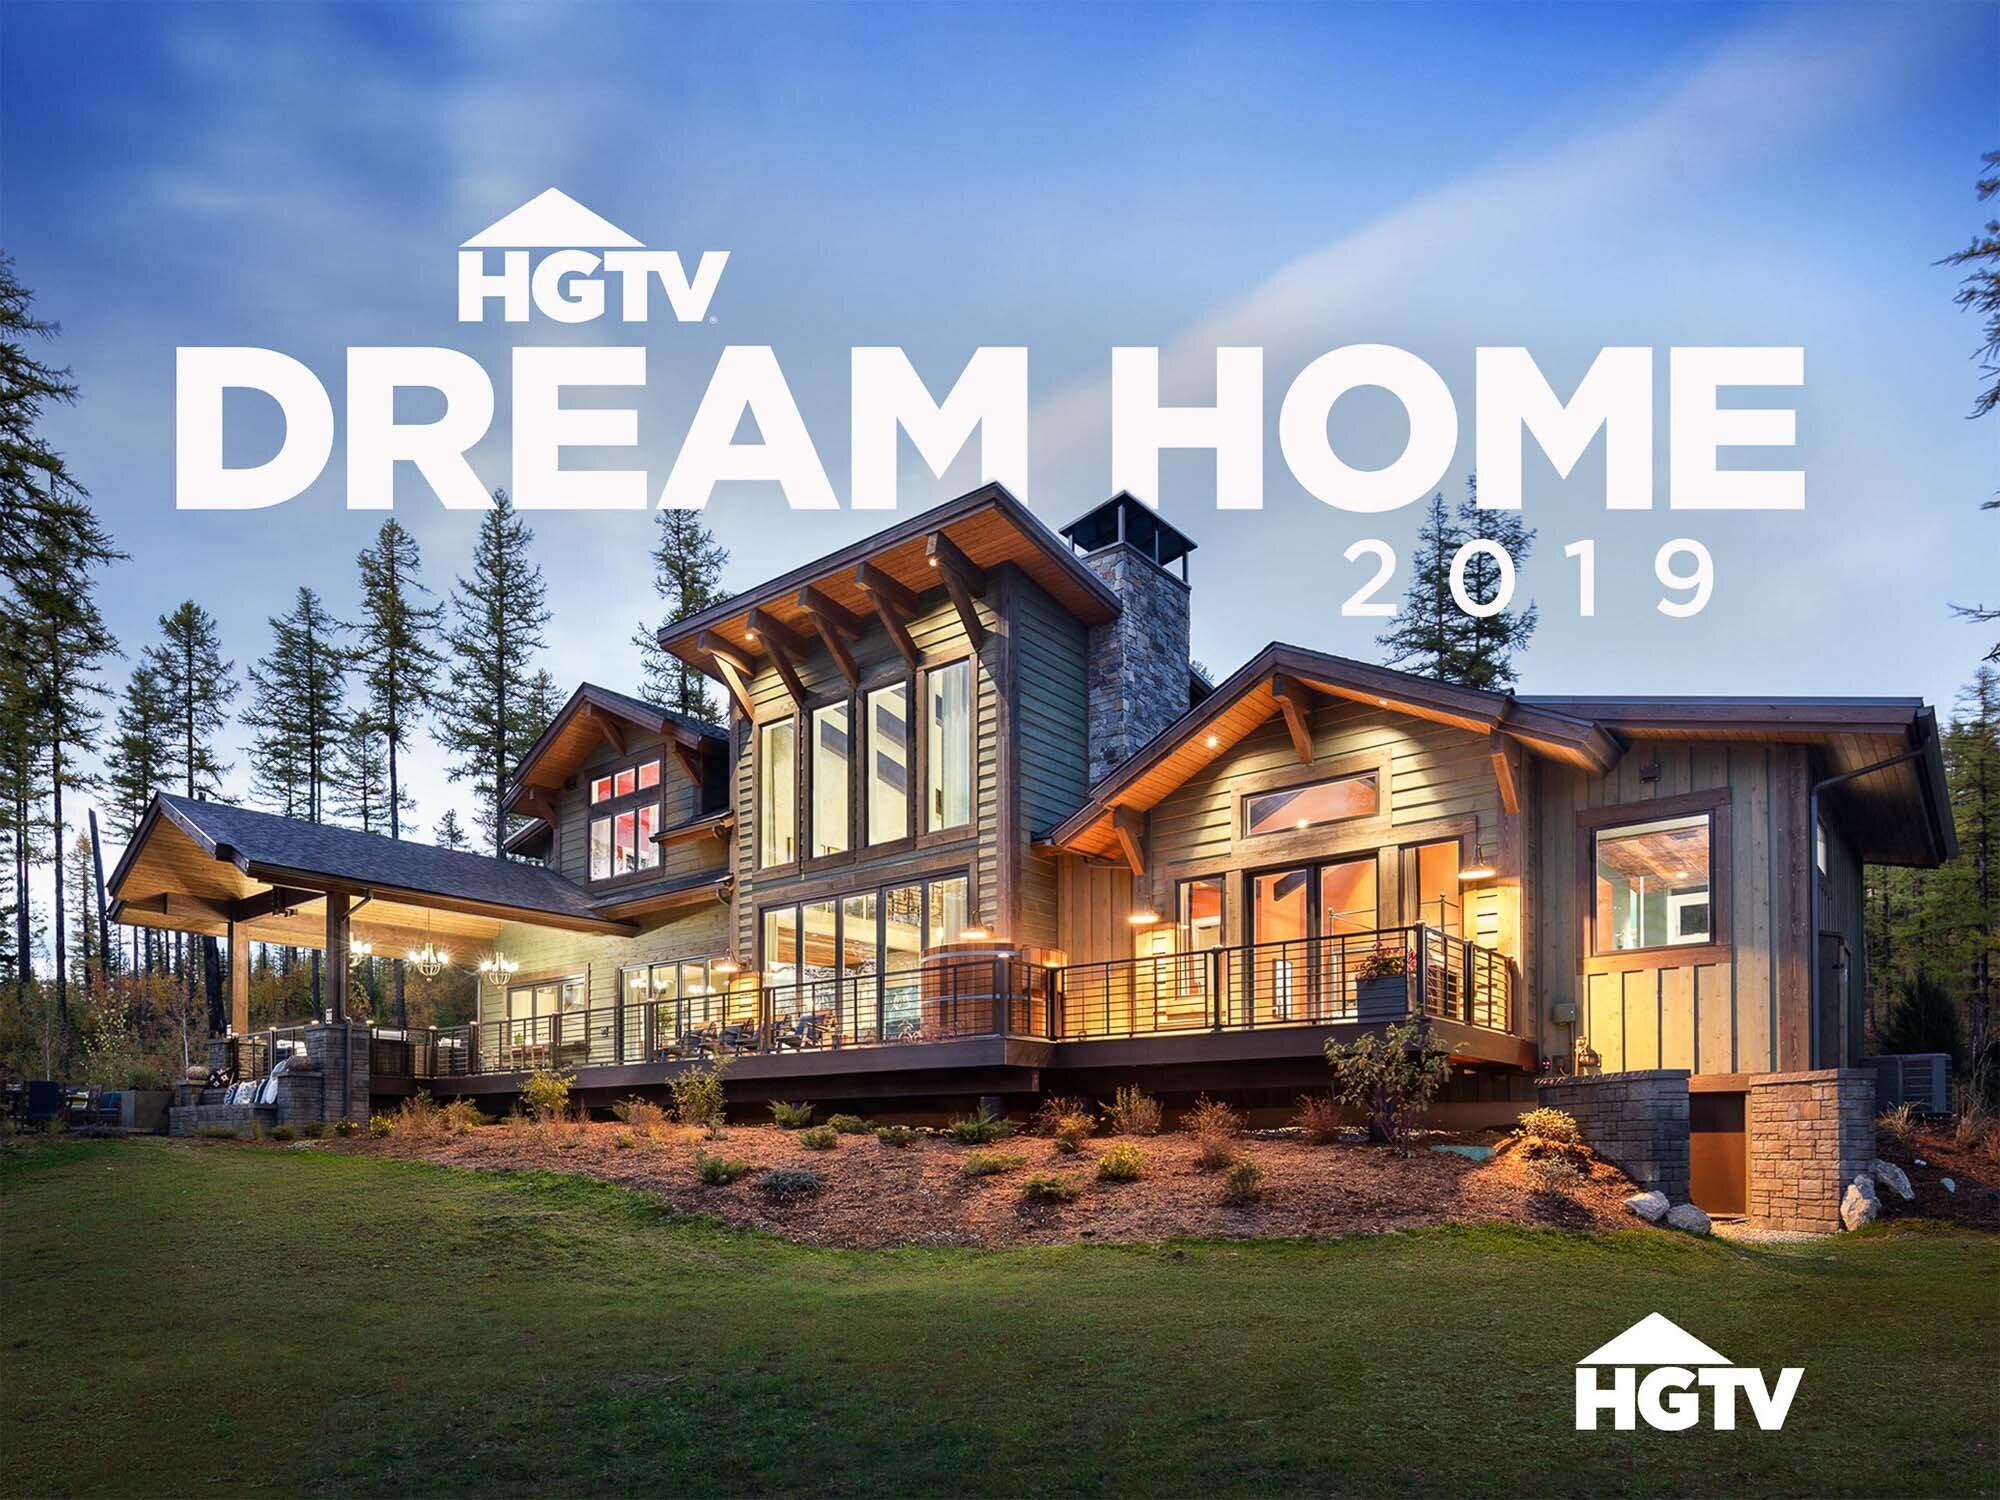 HGTV: Dream Home 2019